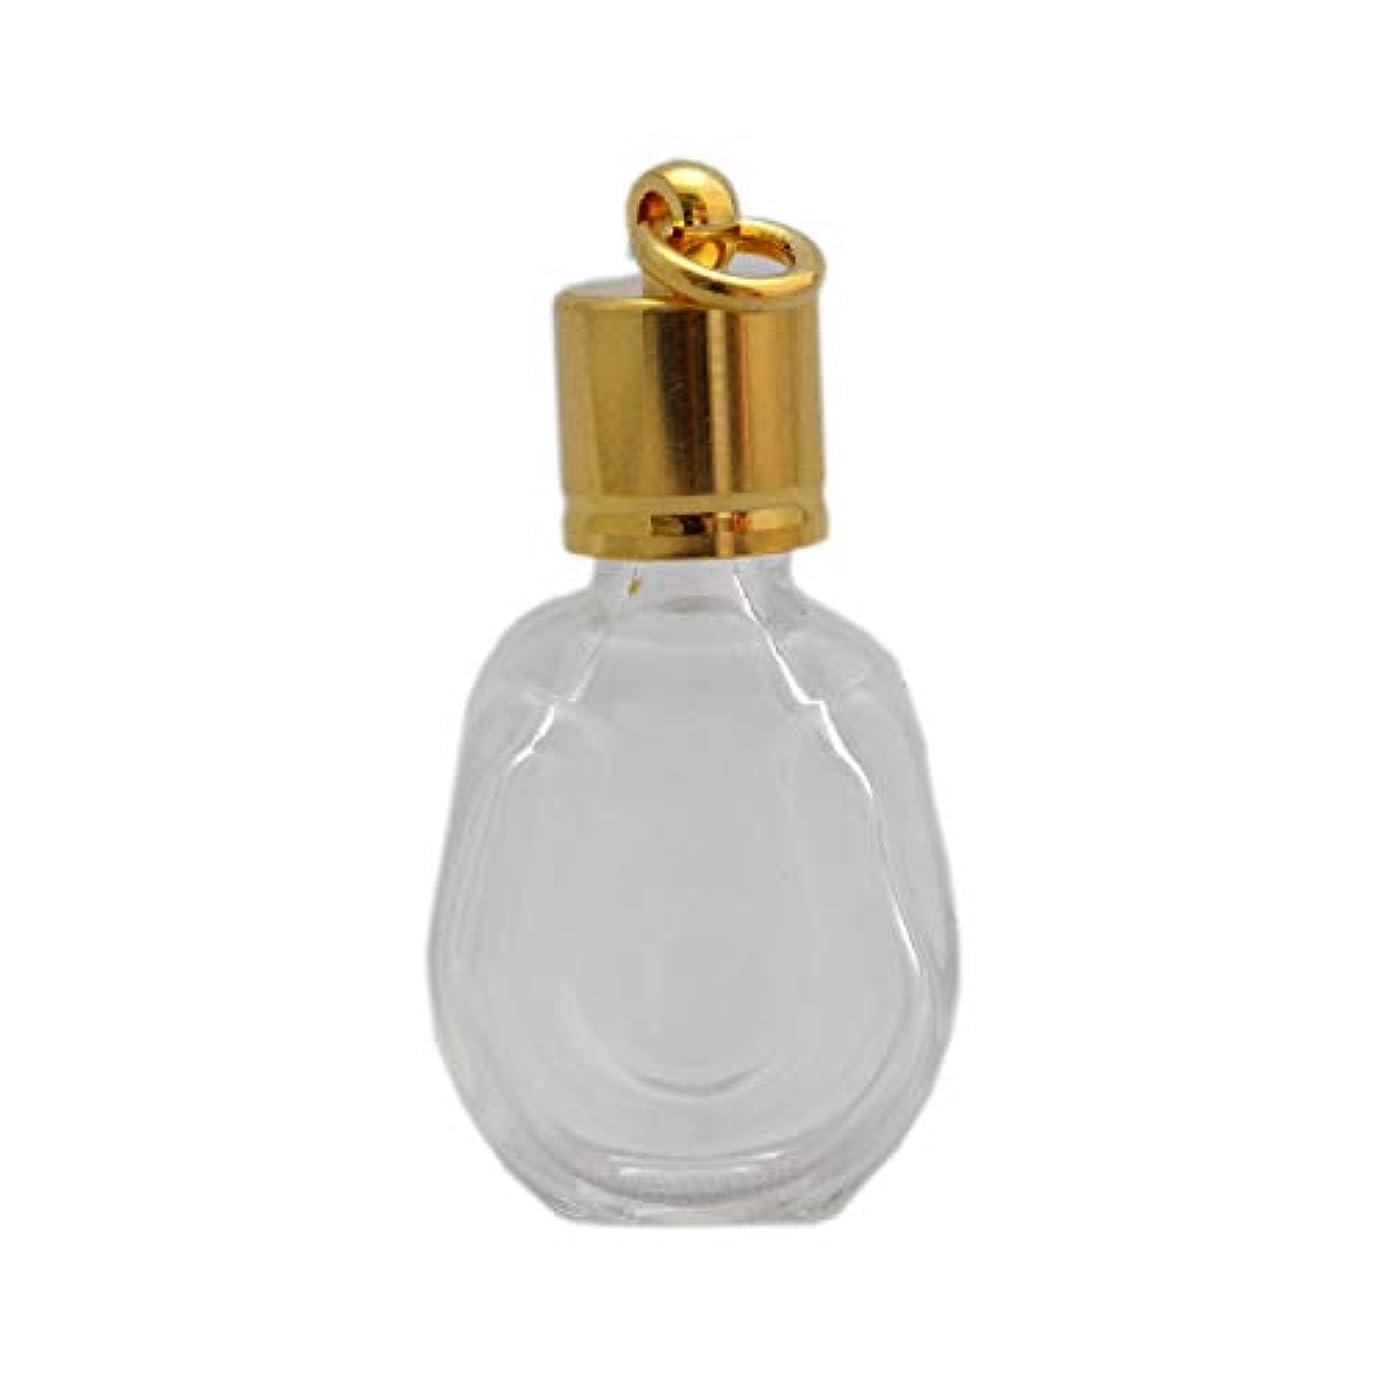 樹木混乱させる規制ミニ香水瓶 アロマペンダントトップ 馬蹄型(透明 容量1.3ml)×穴あきキャップ ゴールド